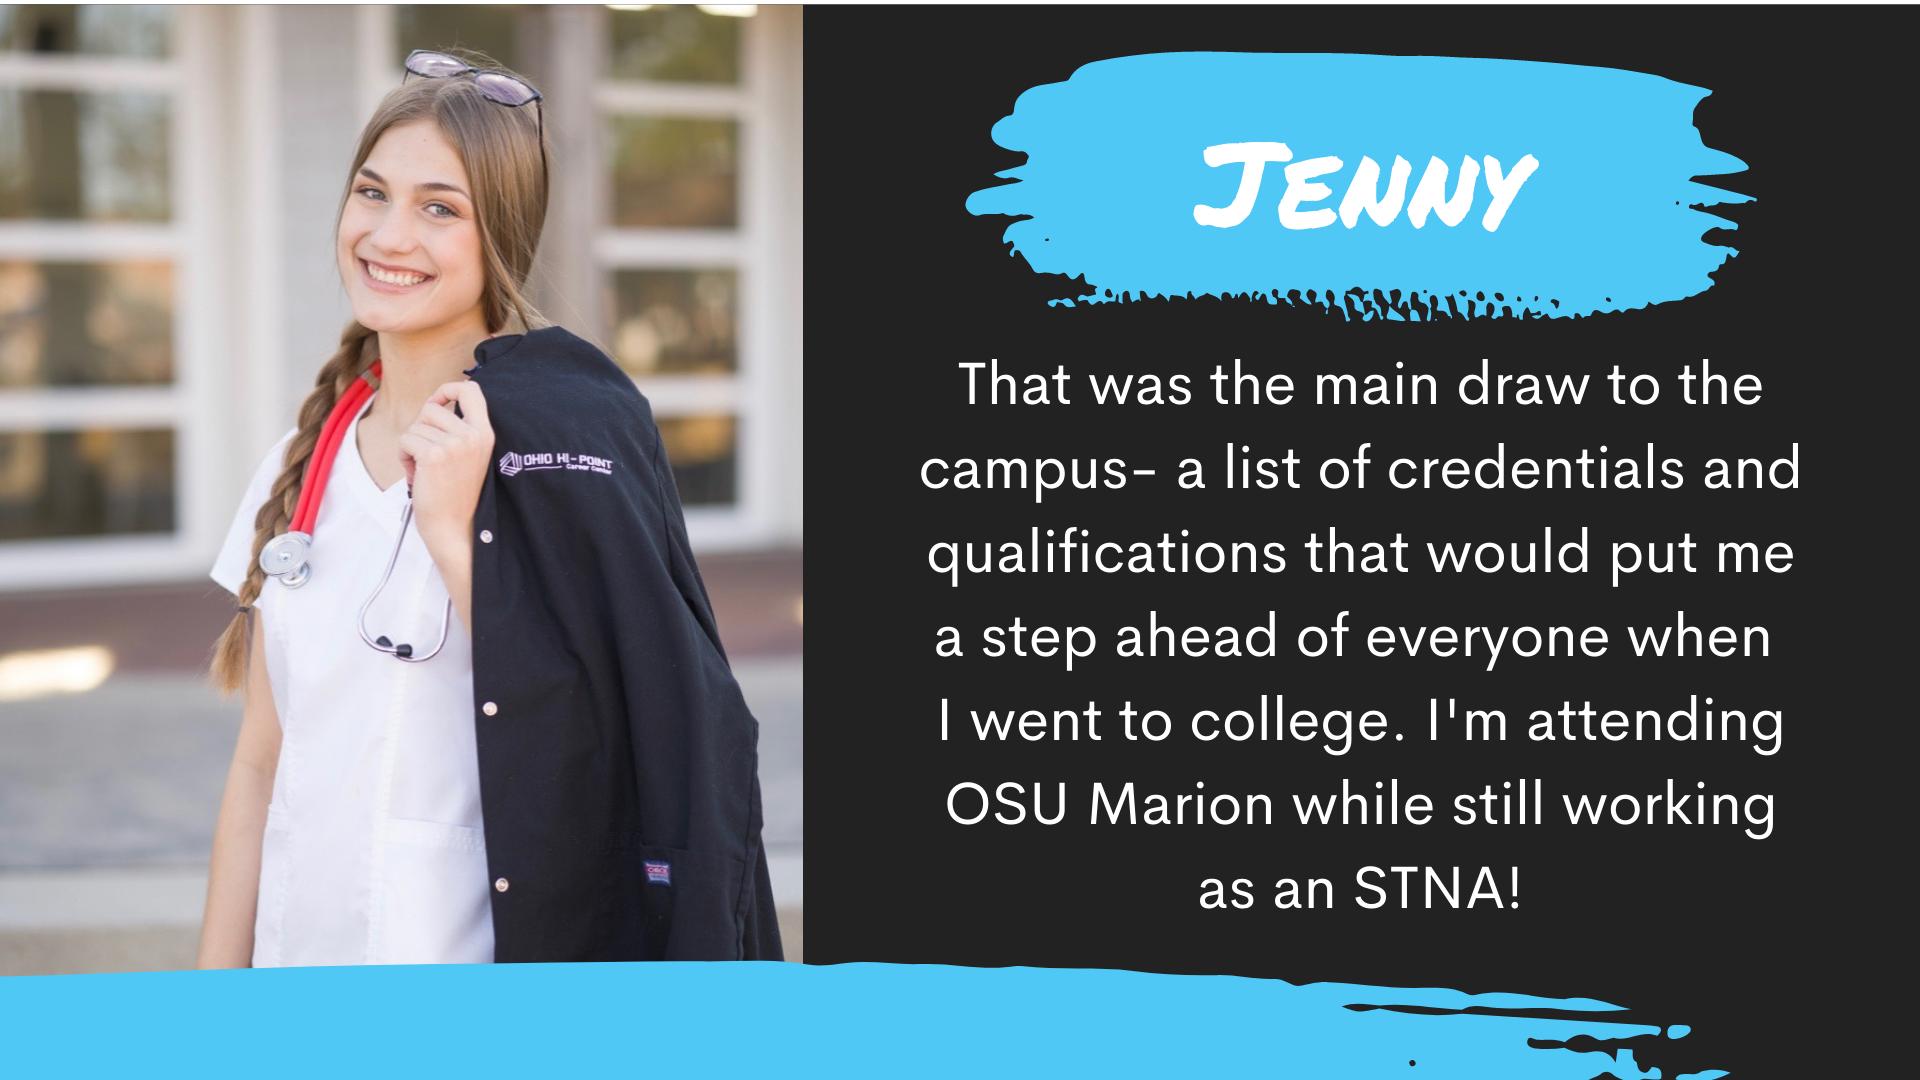 Jenny Success Story